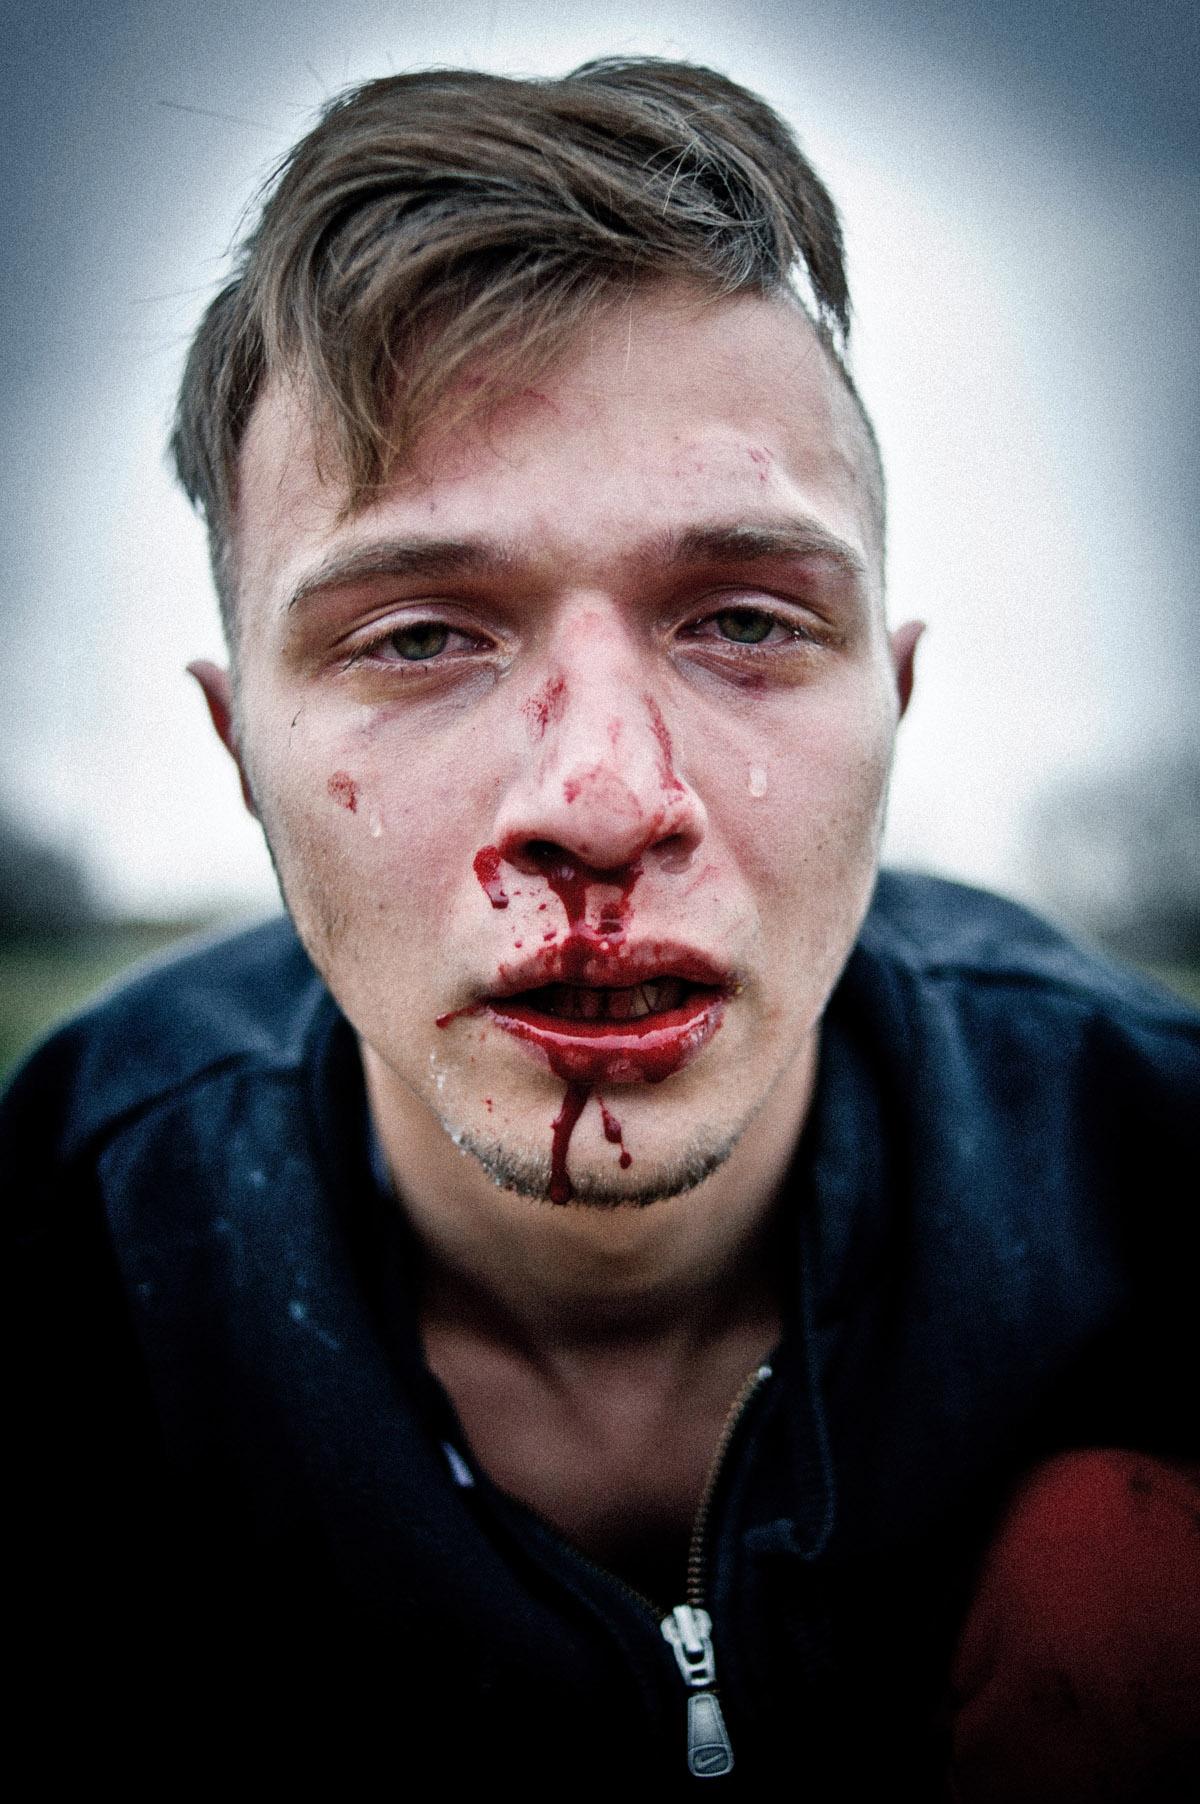 Andrew Lubimov, Hooligans. Erschienen in Vice Nr. 9/2014. Nominiert in der Kategorie Reportagefotografie des Jahres. © Andrew Lubimov